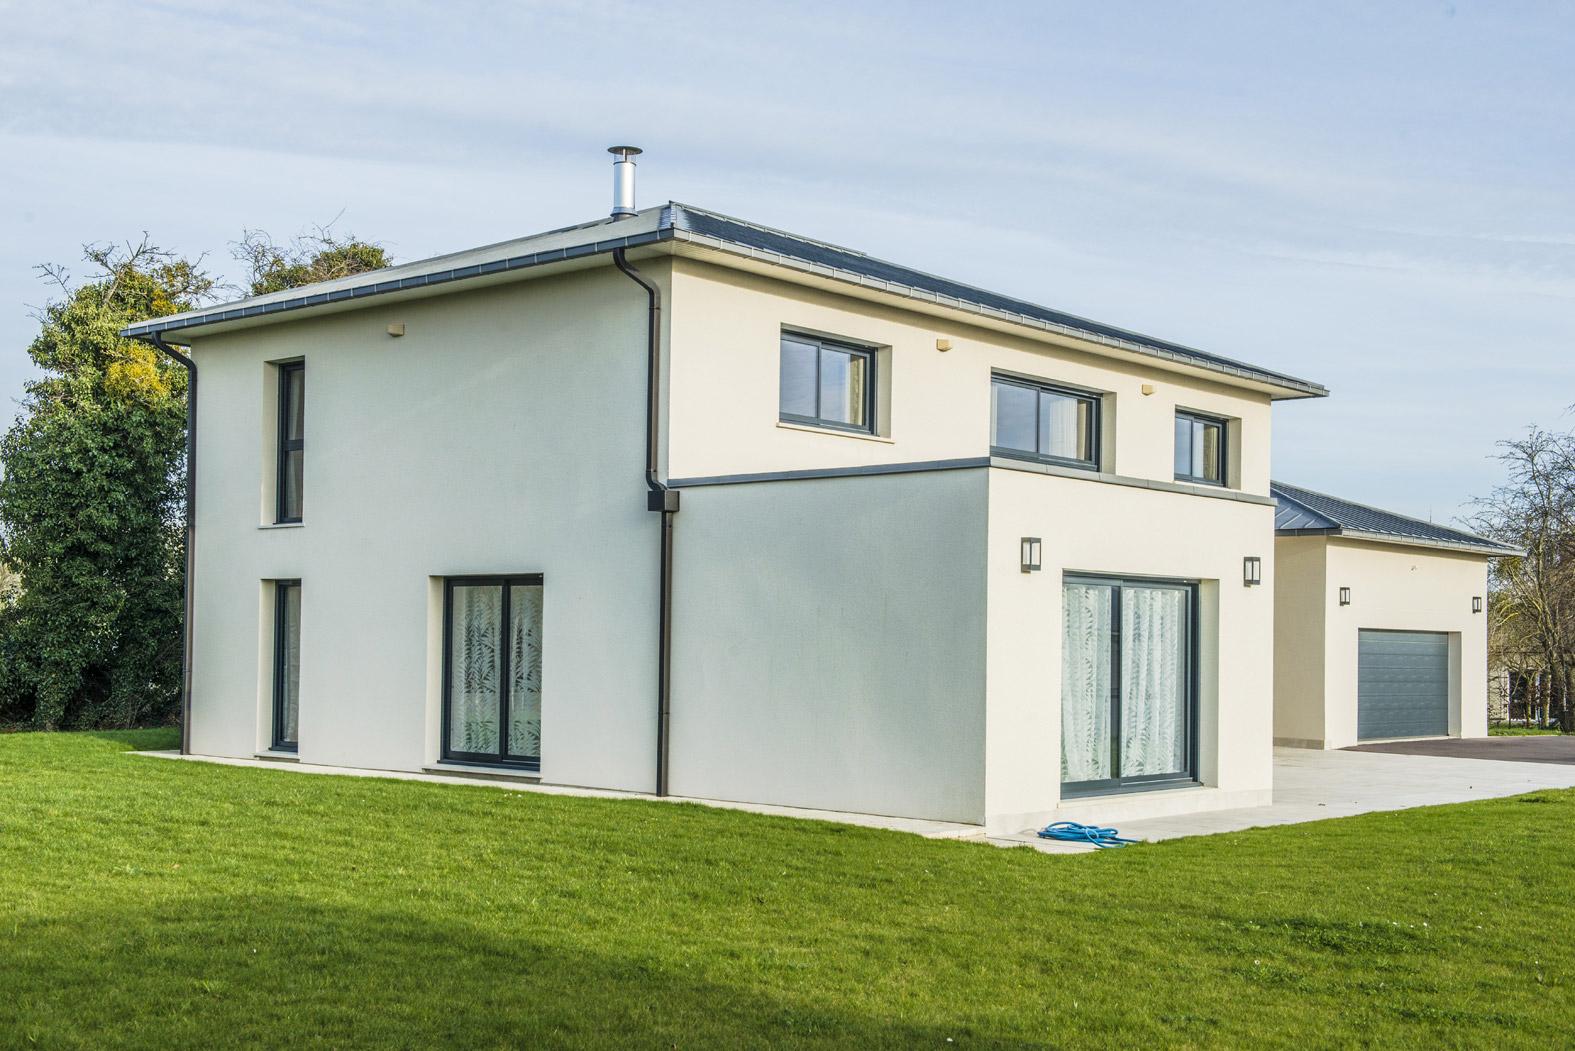 Maison sur mesure moderne